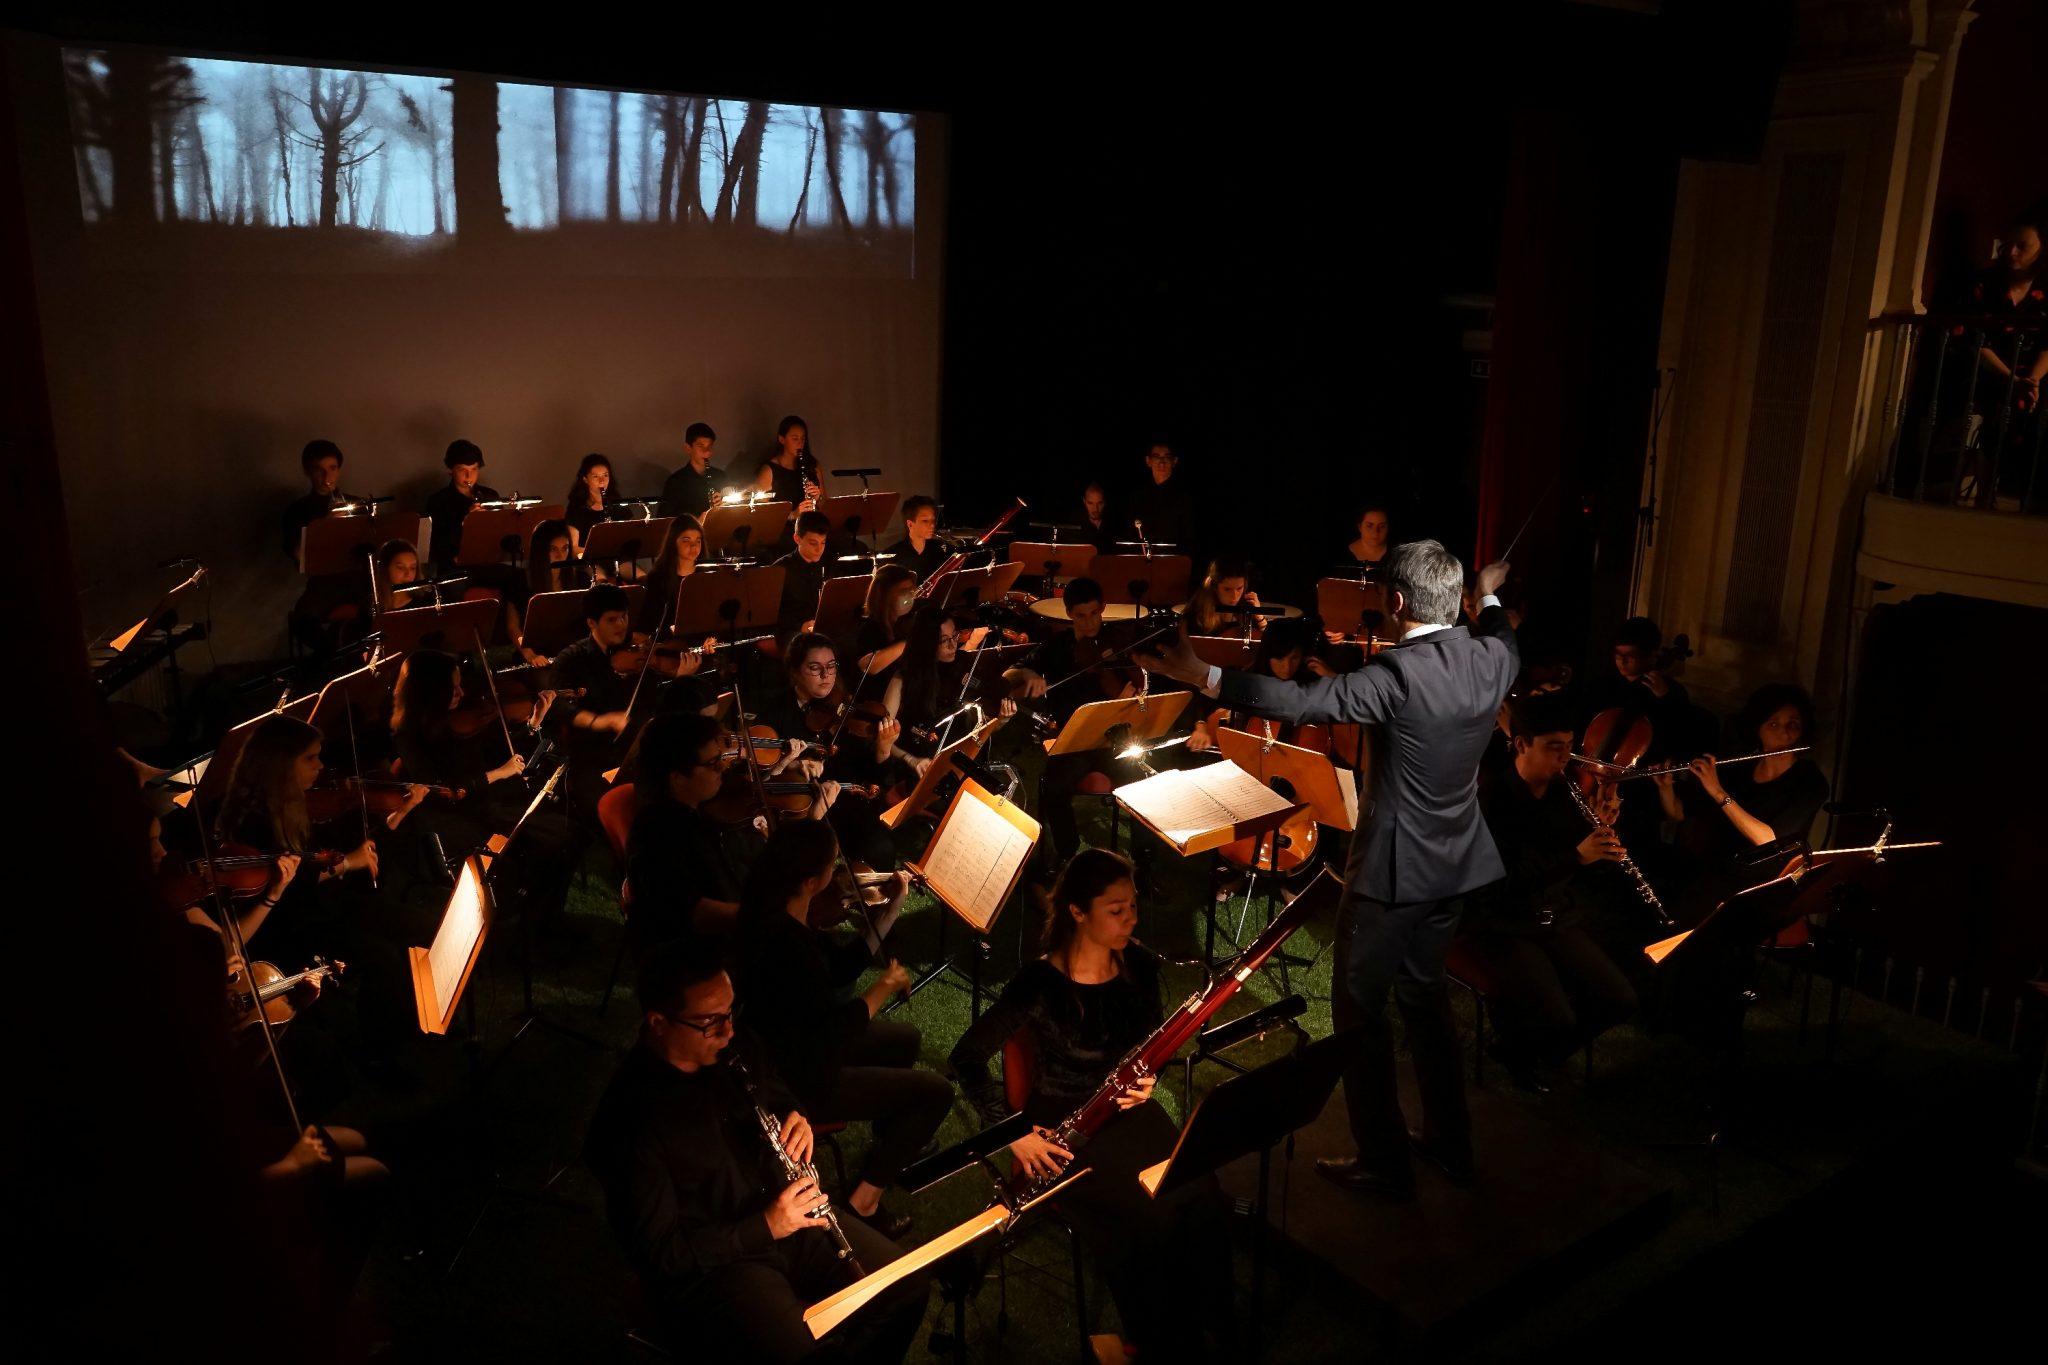 Uma orquestra toca em cima de um palco na diagonal do observador